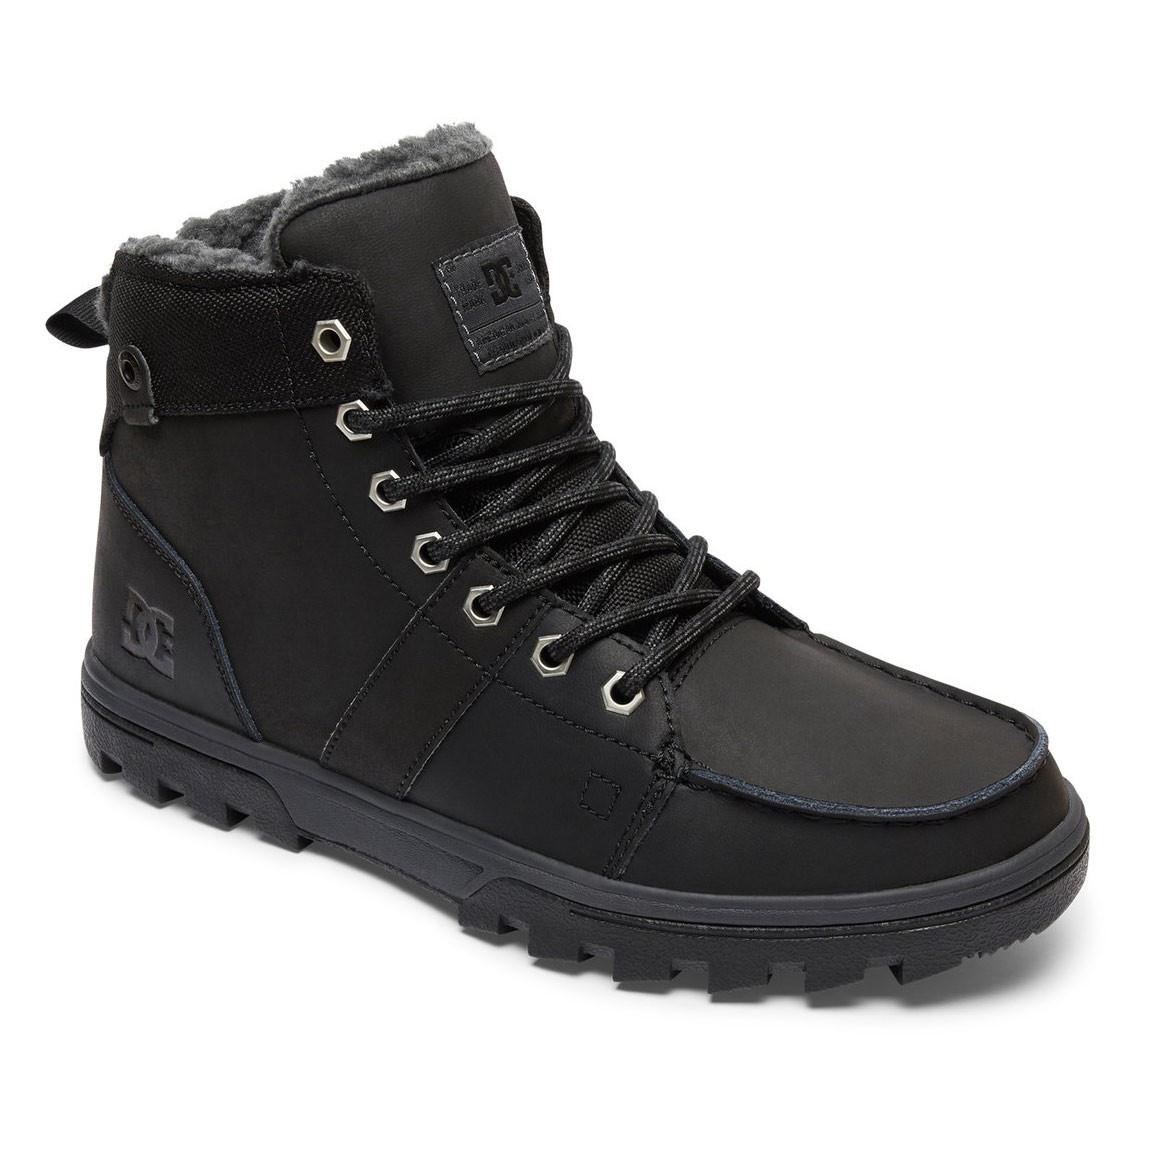 Zimní boty DC Woodland black/black/grey